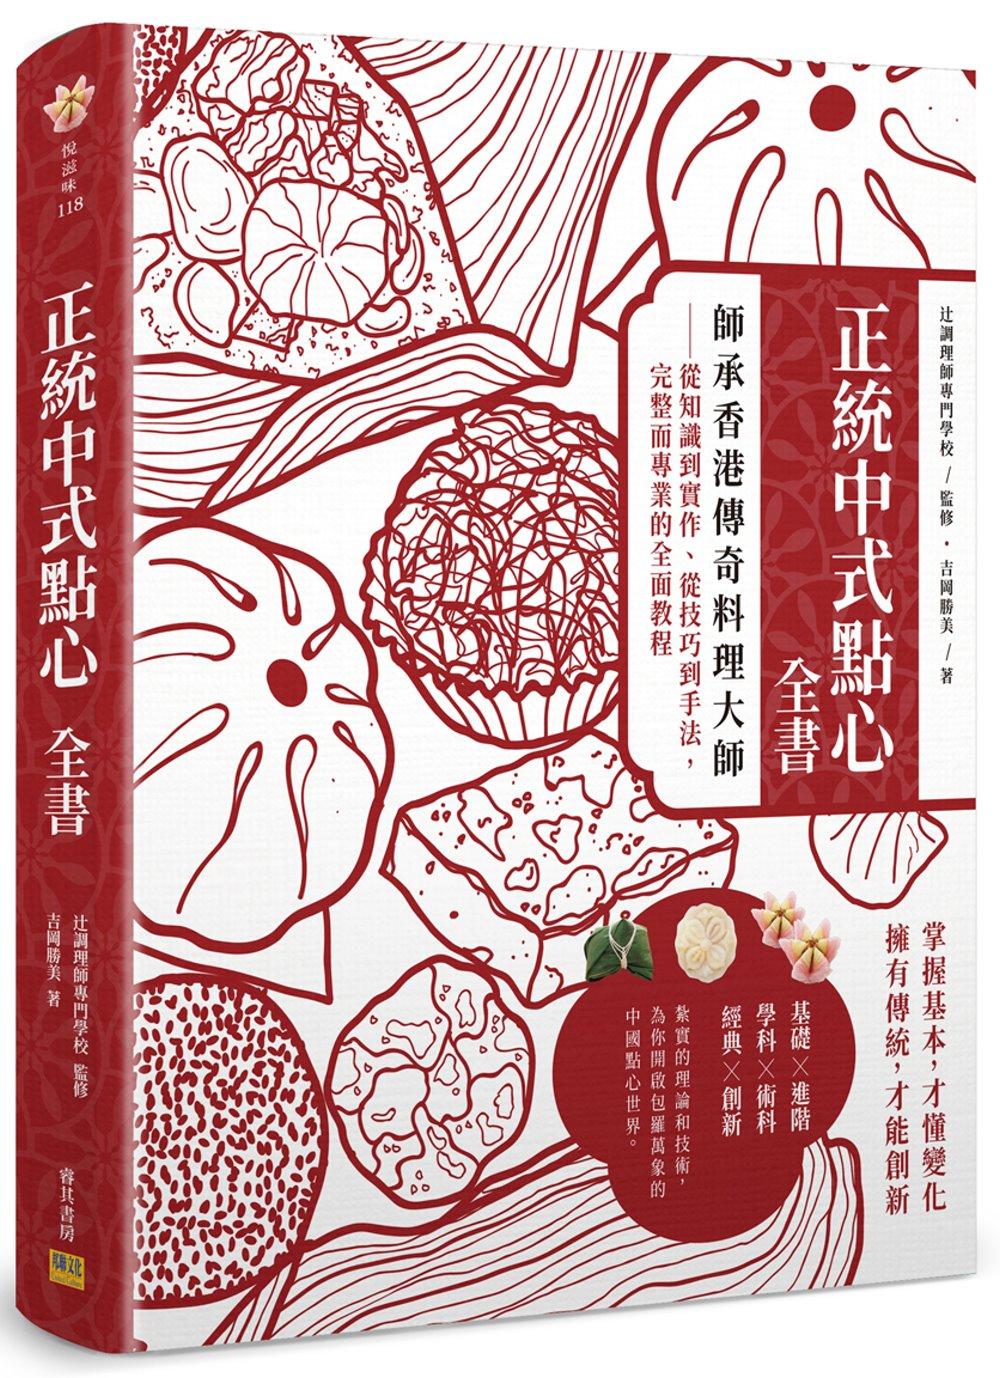 正統中式點心全書:師承香港傳奇料理大師:從知識到實作、從技巧到手法,完整而專業的全面教程